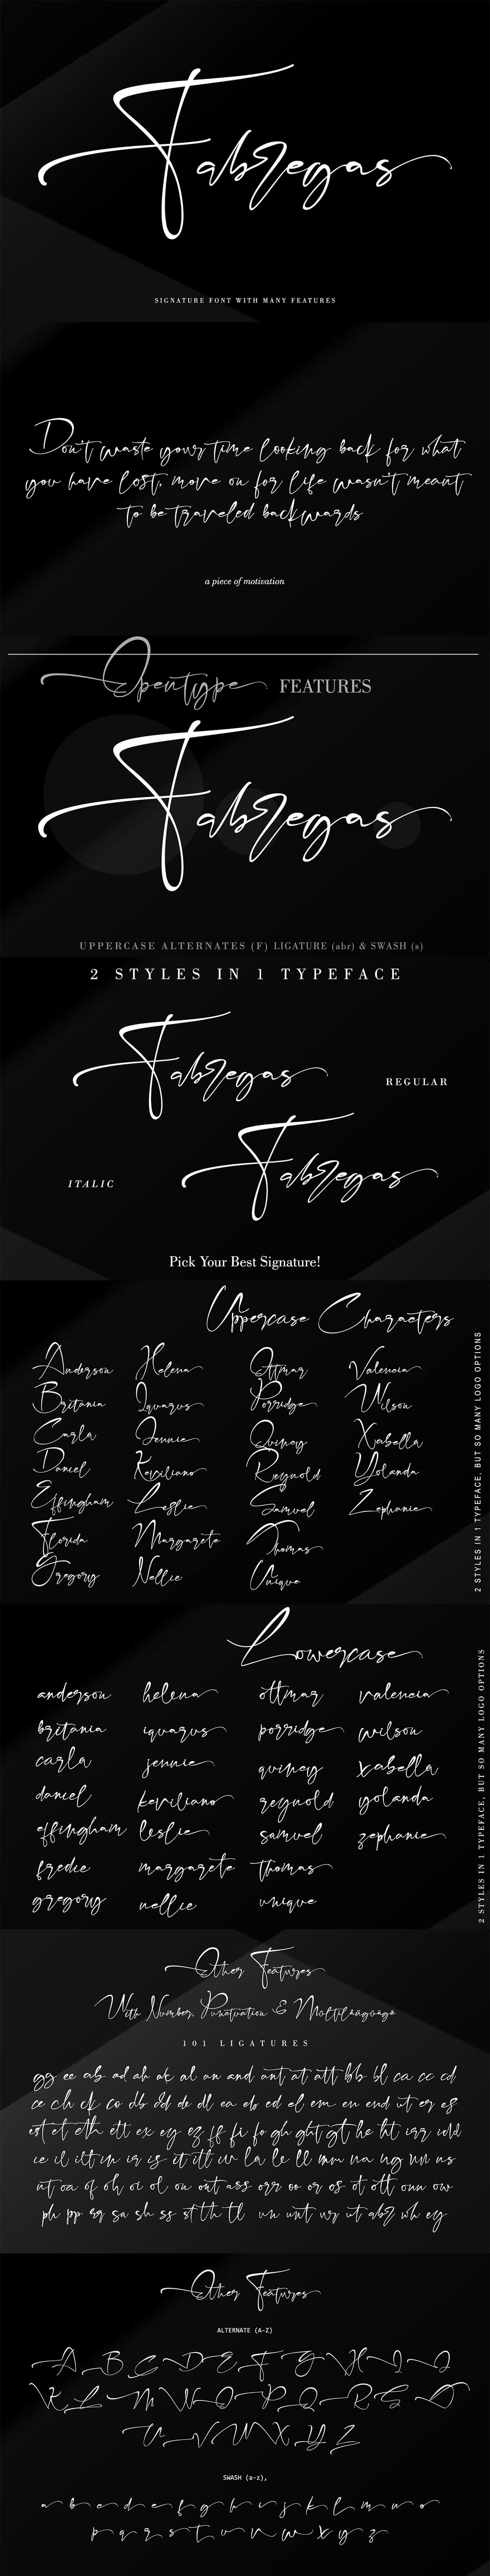 Free Fabregas Script Font